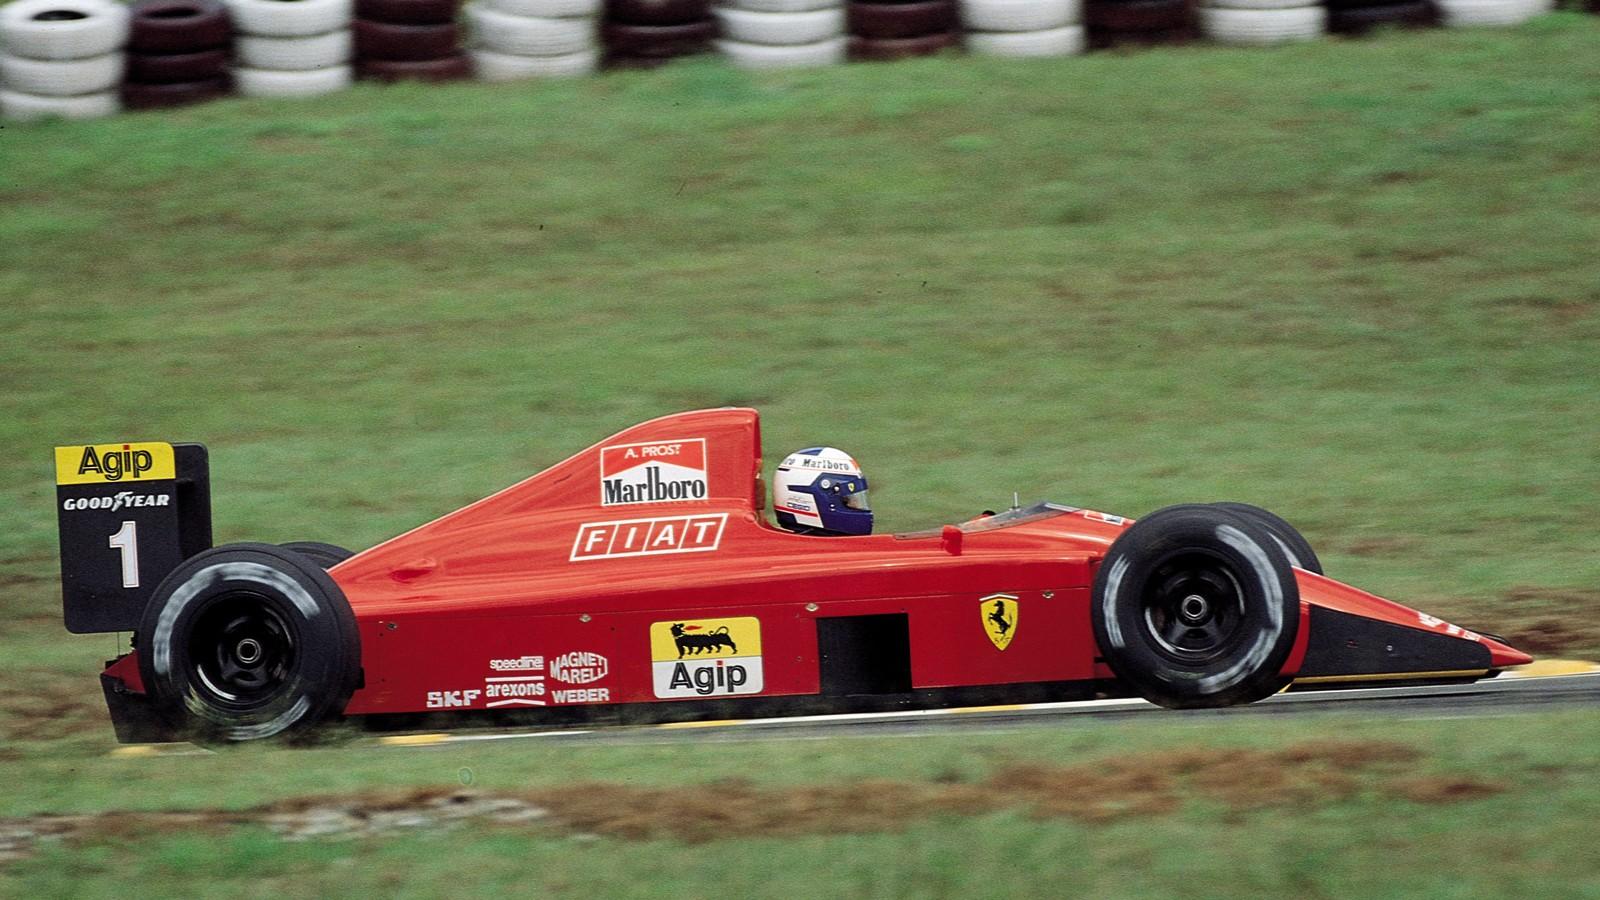 Prost var råsterk i 1990. Han skjøv Mansell ut i kulden, og sørget for å gjøre Ferraris bil til en vinnermaskin.